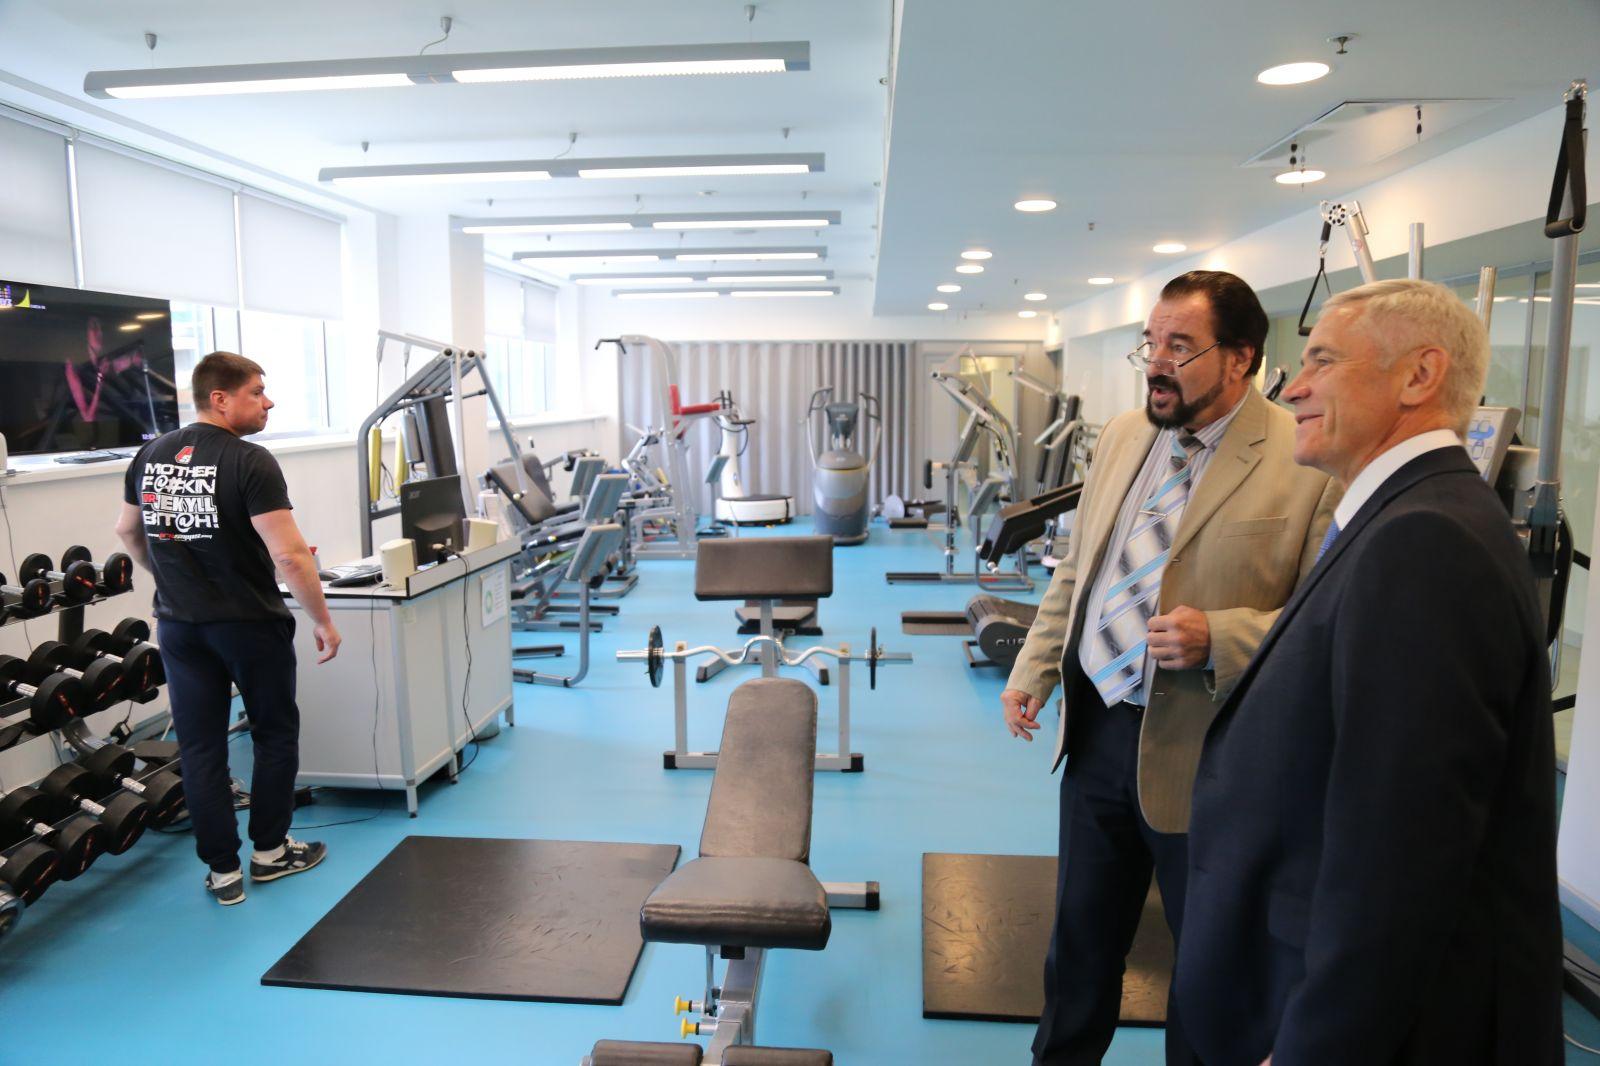 П.А. Рожков в Центре спортивных технологий Москомспорта встретился с директором ГКУ «ЦСТиСК» Москомспорта К.Ш. Ахмеровой, а также ознакомился с работой Центра